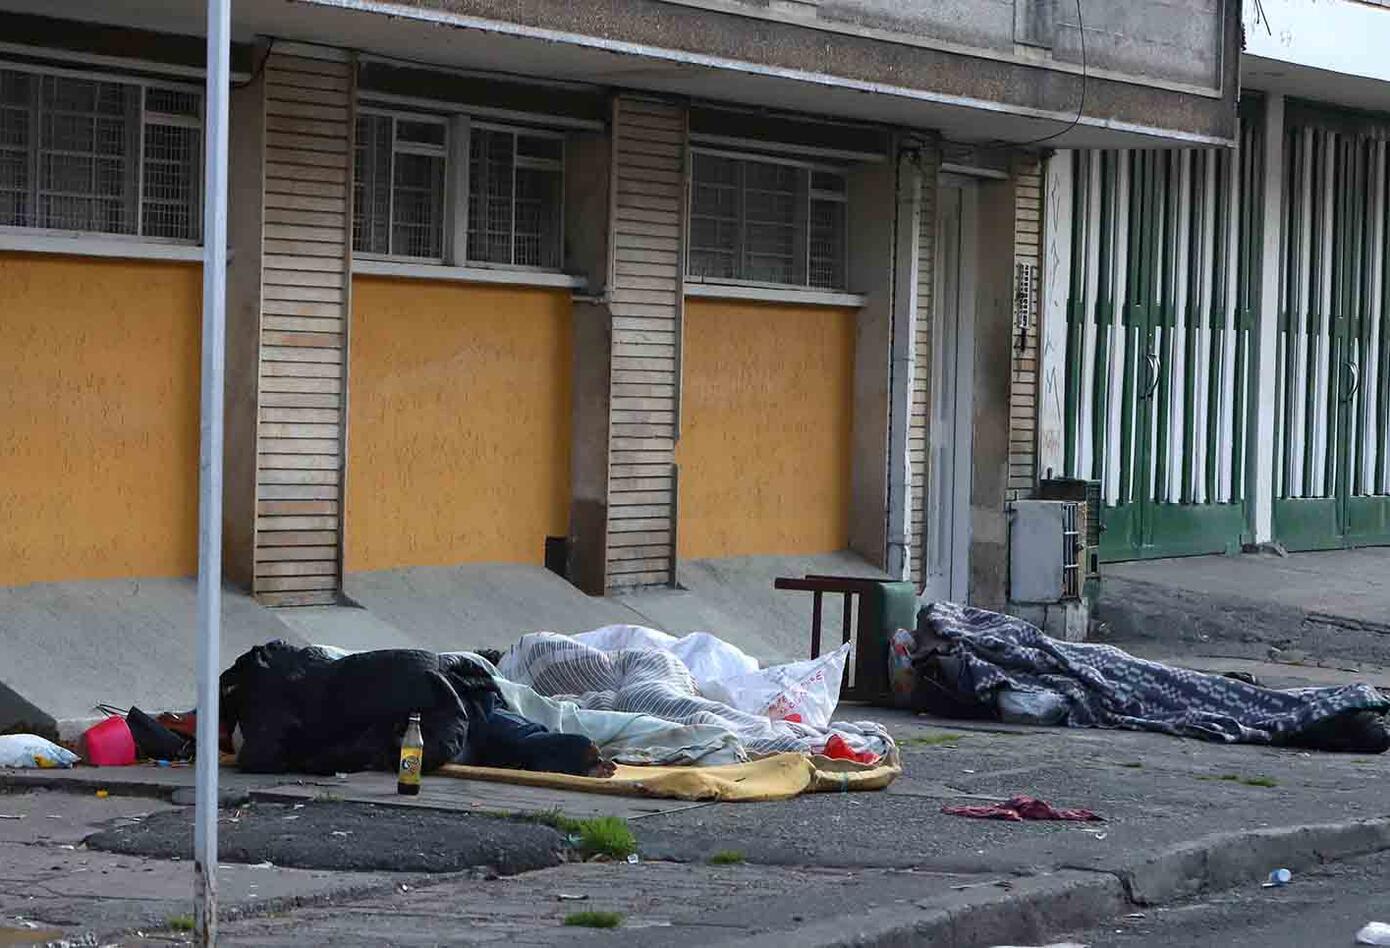 La triste realidad de los habitantes de calle en medio de la cuarentena